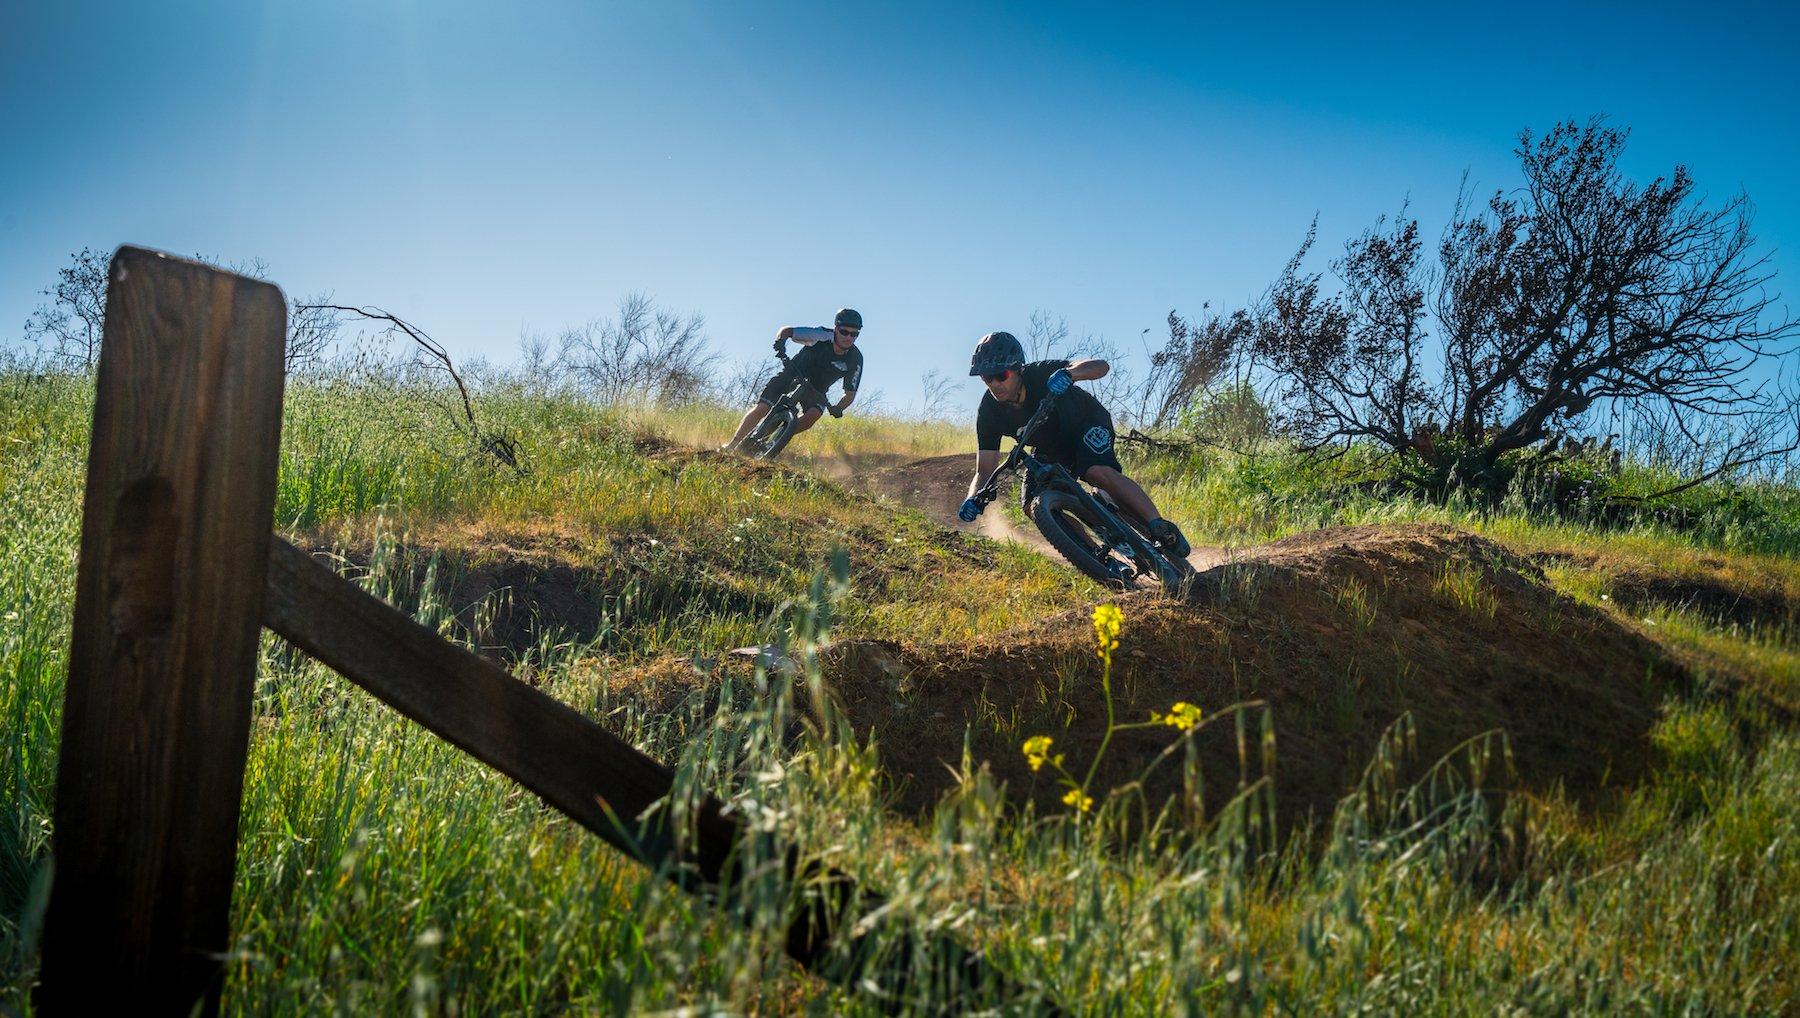 Wir gehen regelmässig auf Bike-Touren – sei dabei